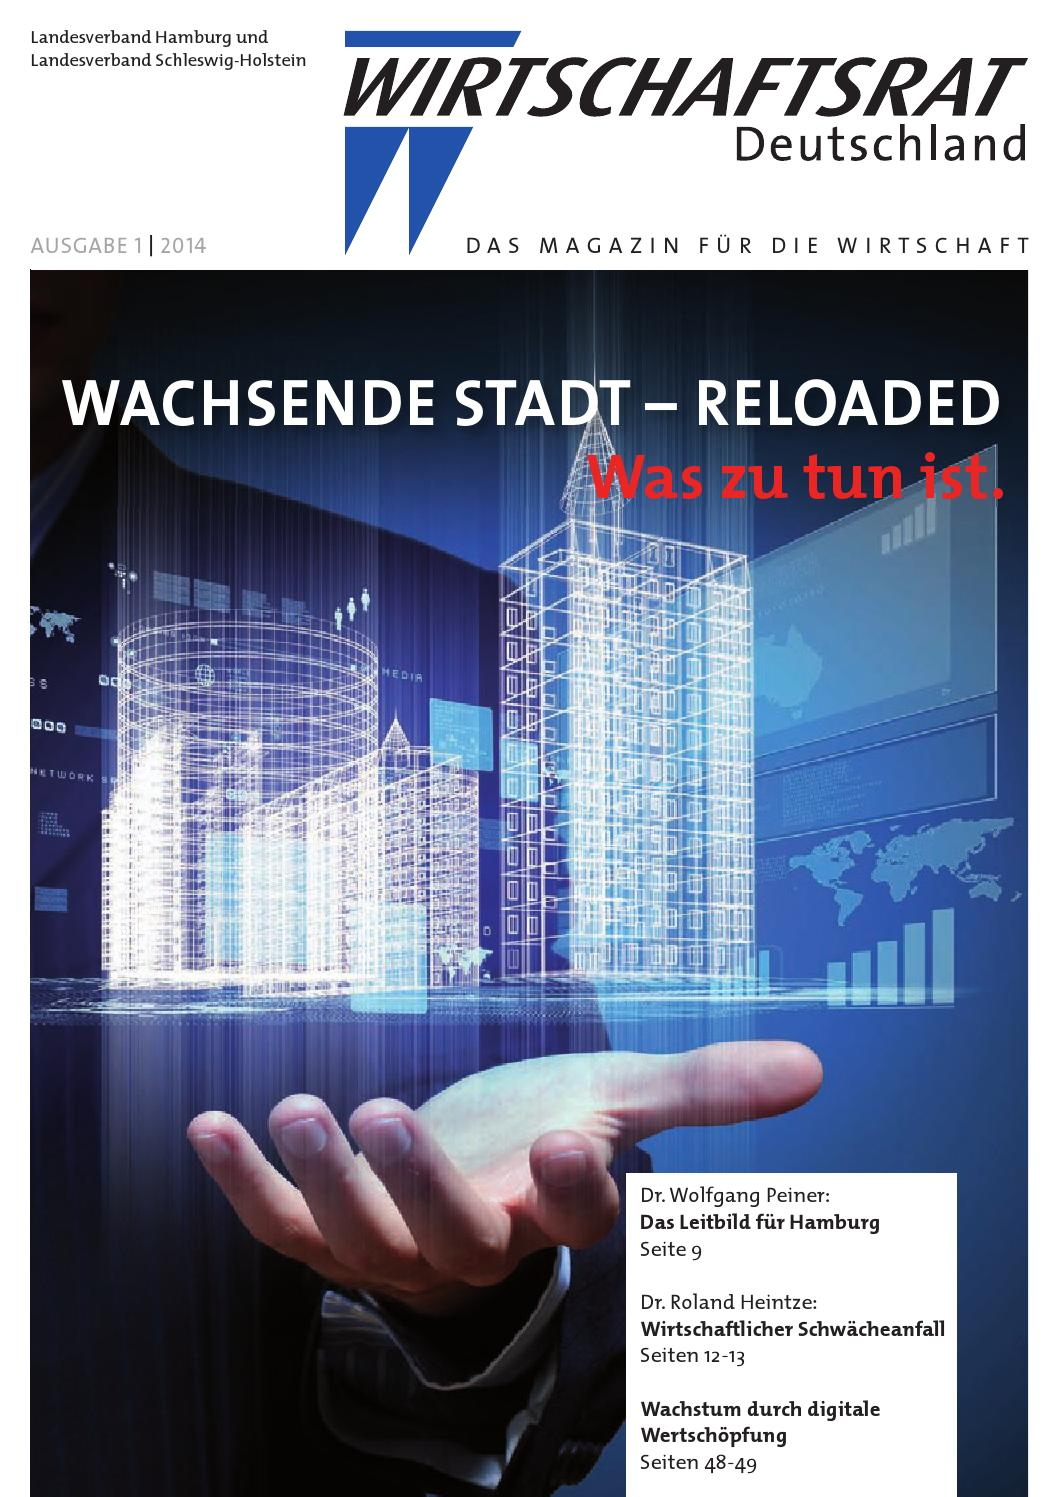 Wirtschaftsrat Journal der Landesverbände Hamburg und Schleswig ...